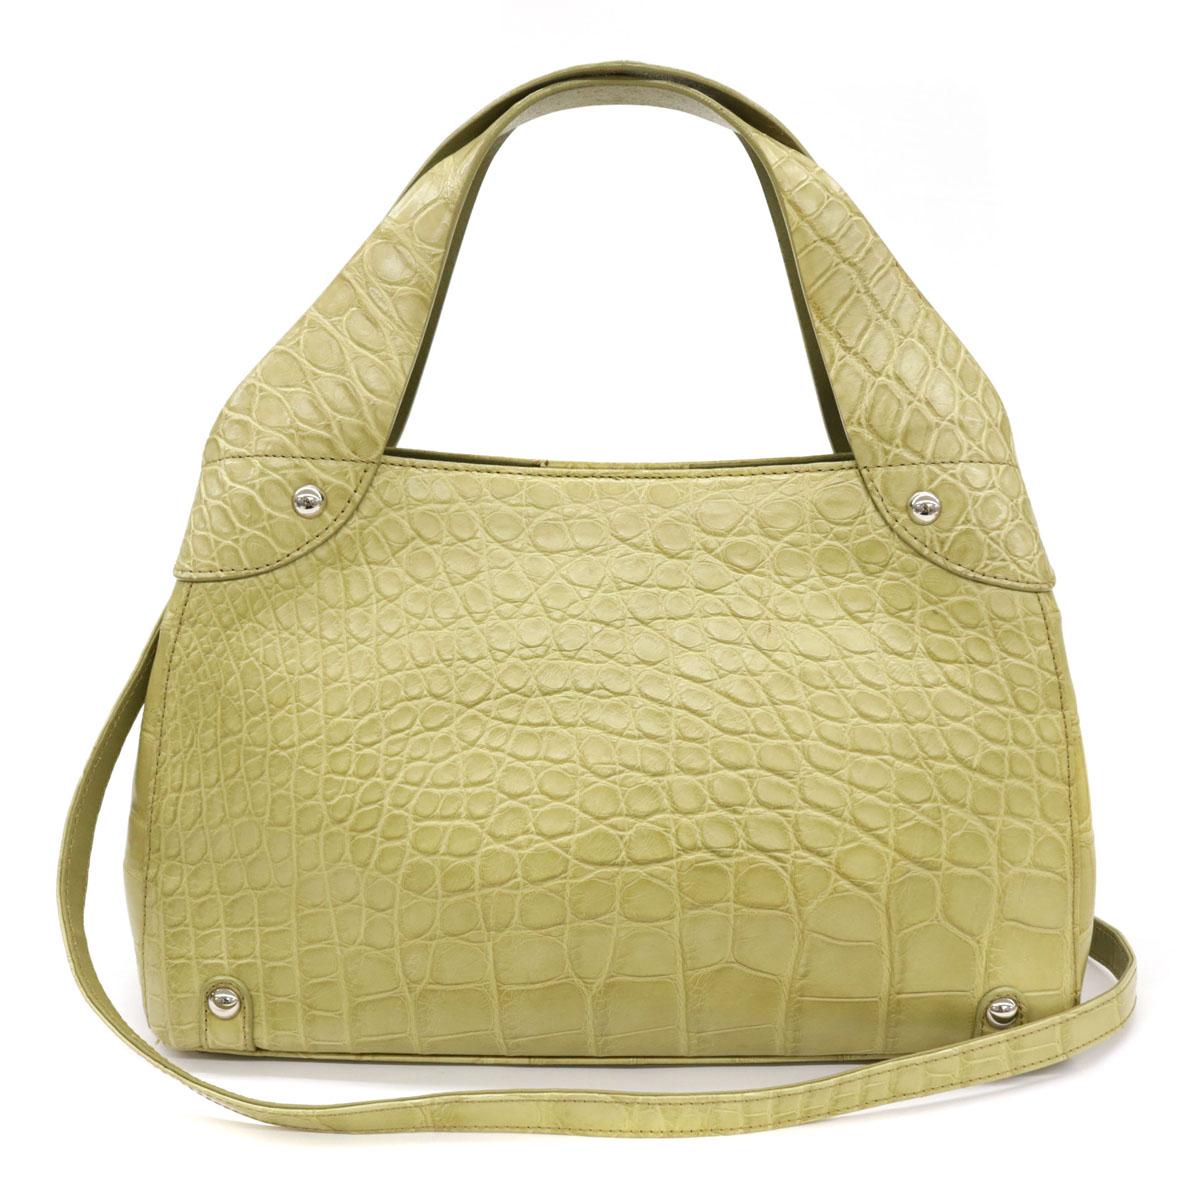 ◆クロコダイル 2WAYバッグ◆ green /緑/イエローグリーン/ハンド/ショルダー/革/イタリア製/レディース/鞄【中古】